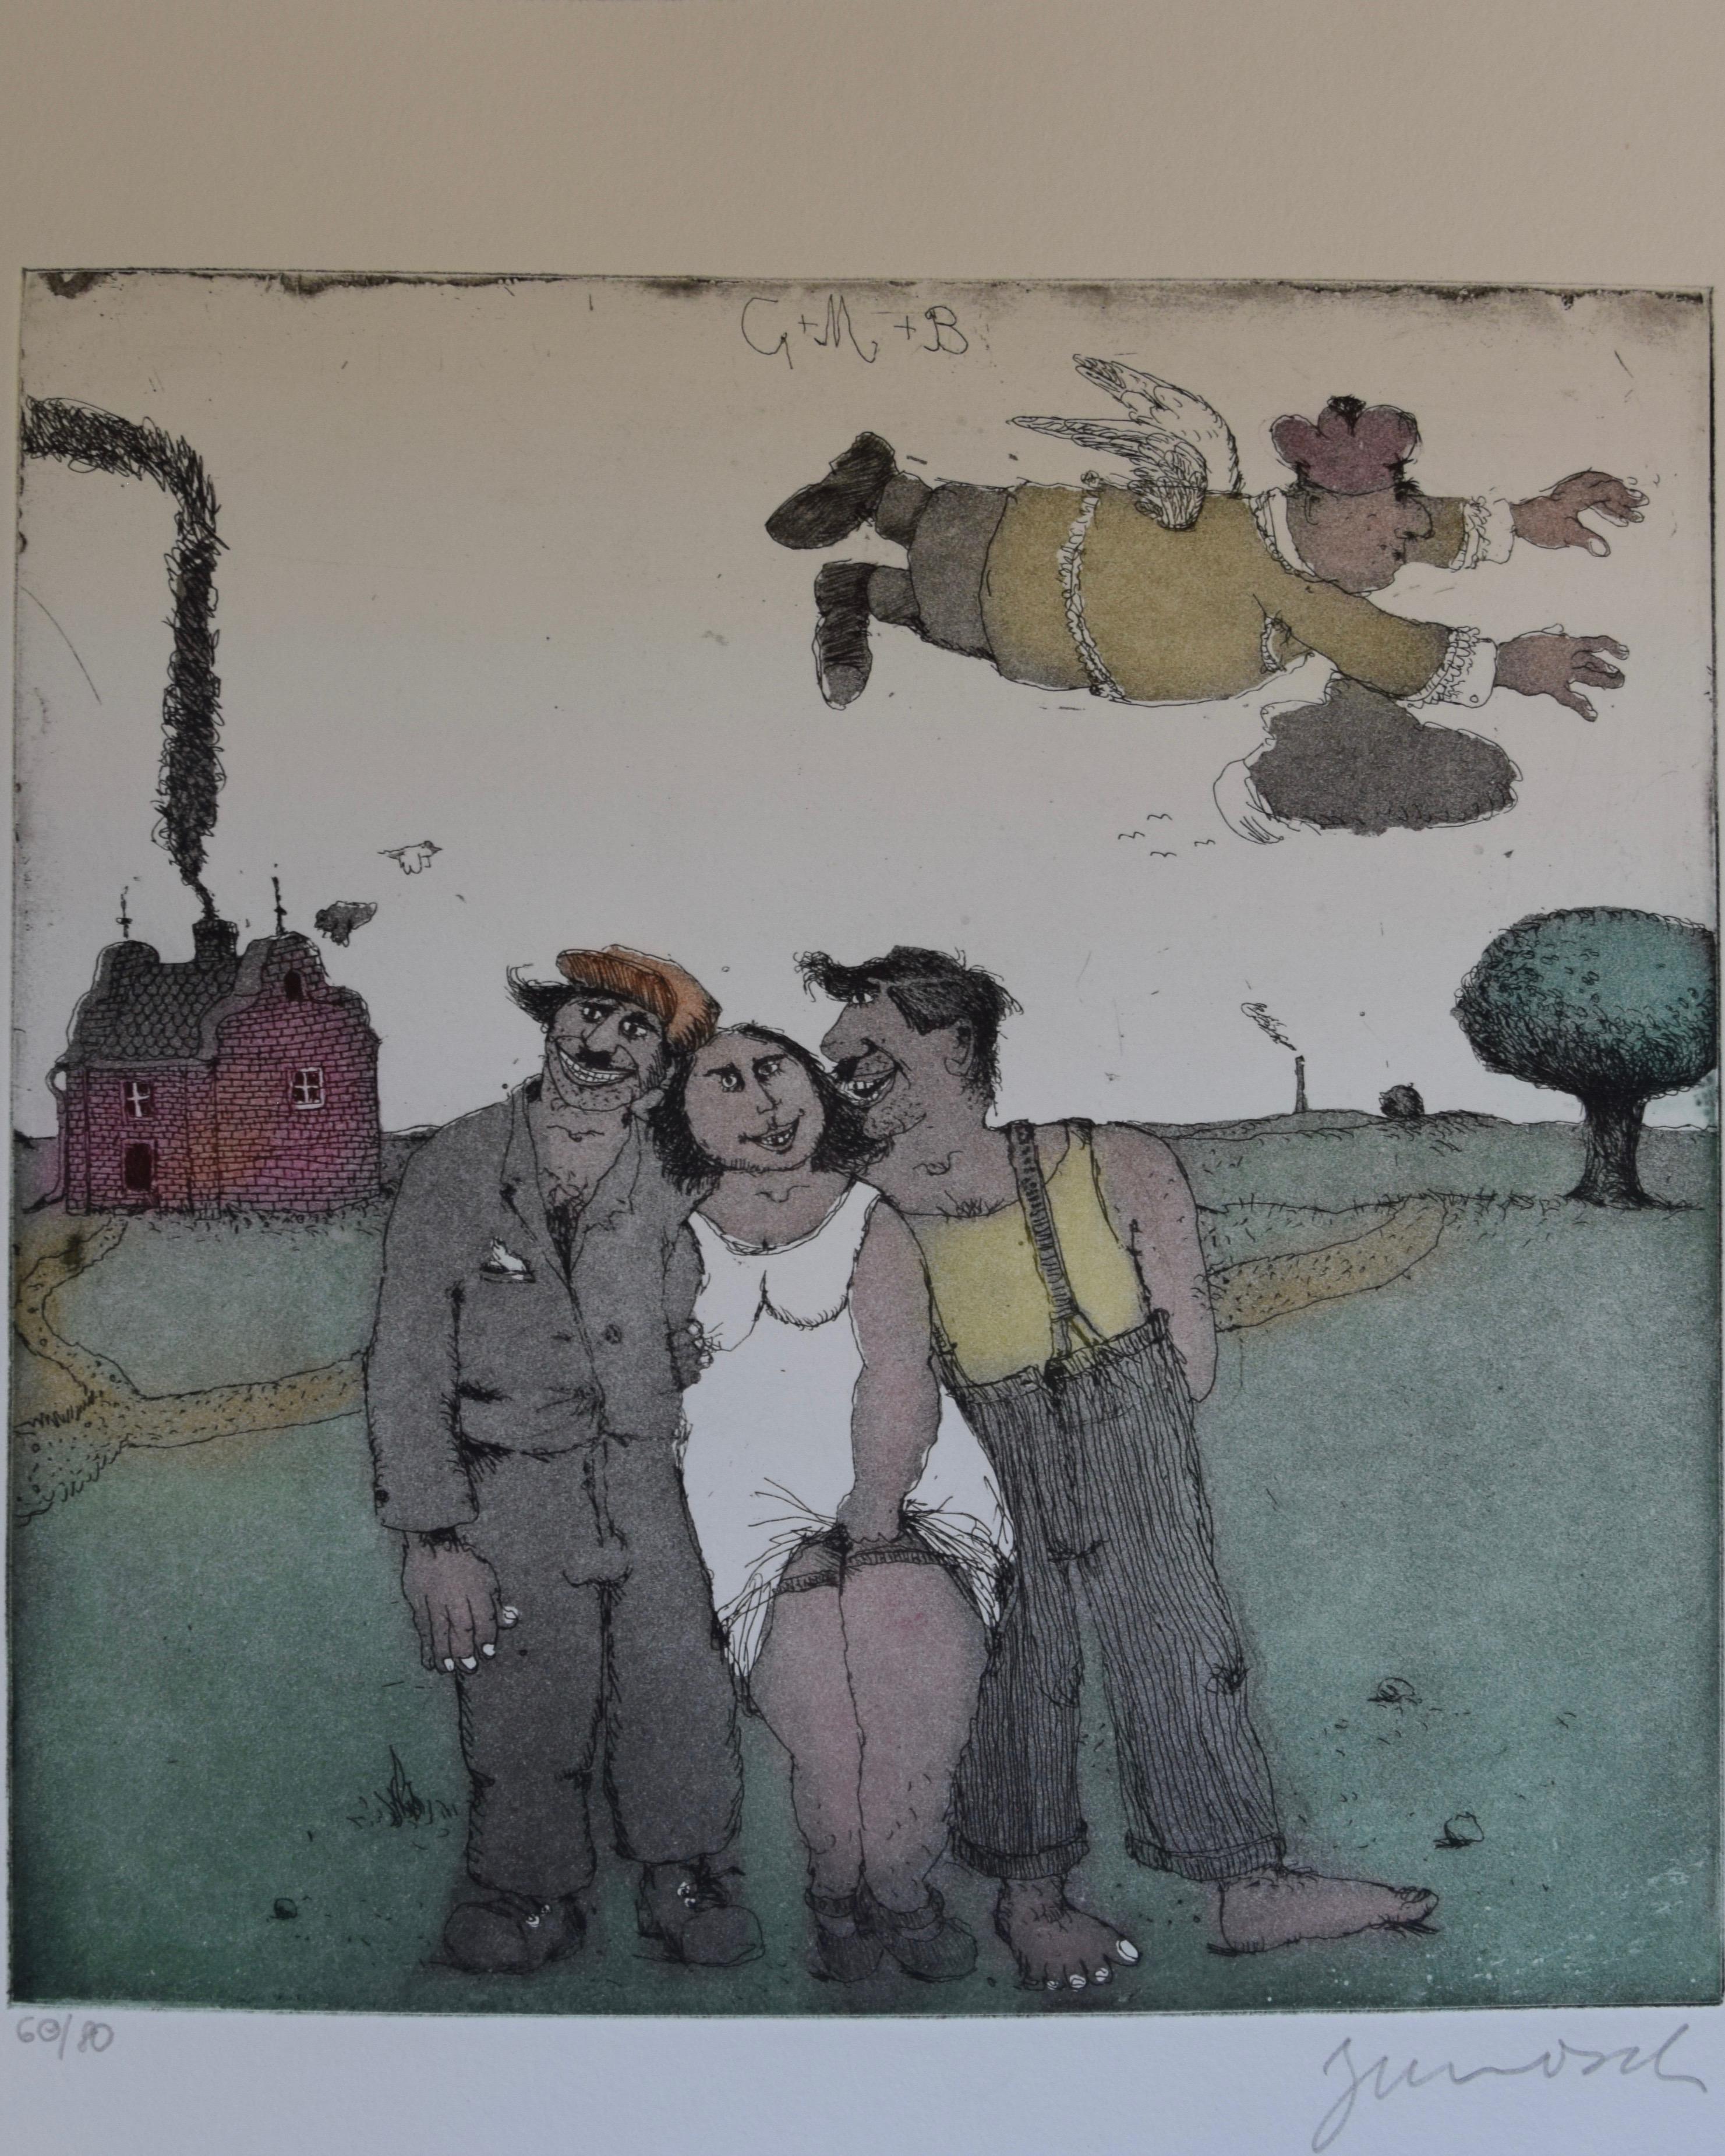 """Dies ist das erste Motiv aus dem Mappenwerk """"Cholonek oder der liebe Gott aus Lehm"""" von Janosch"""